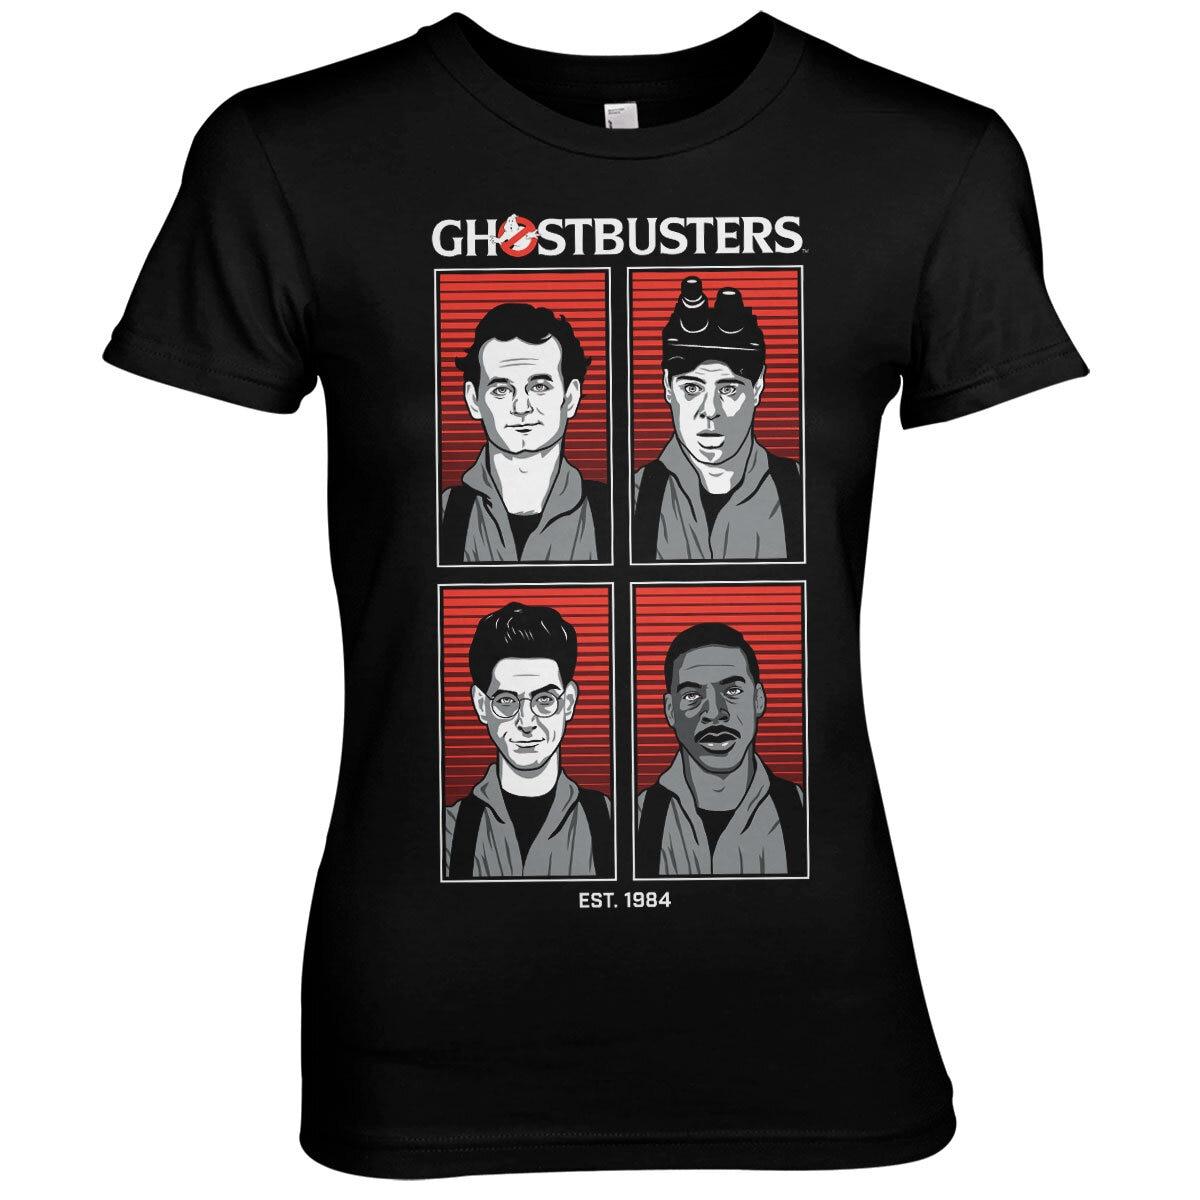 Ghostbusters Original Team Girly Tee